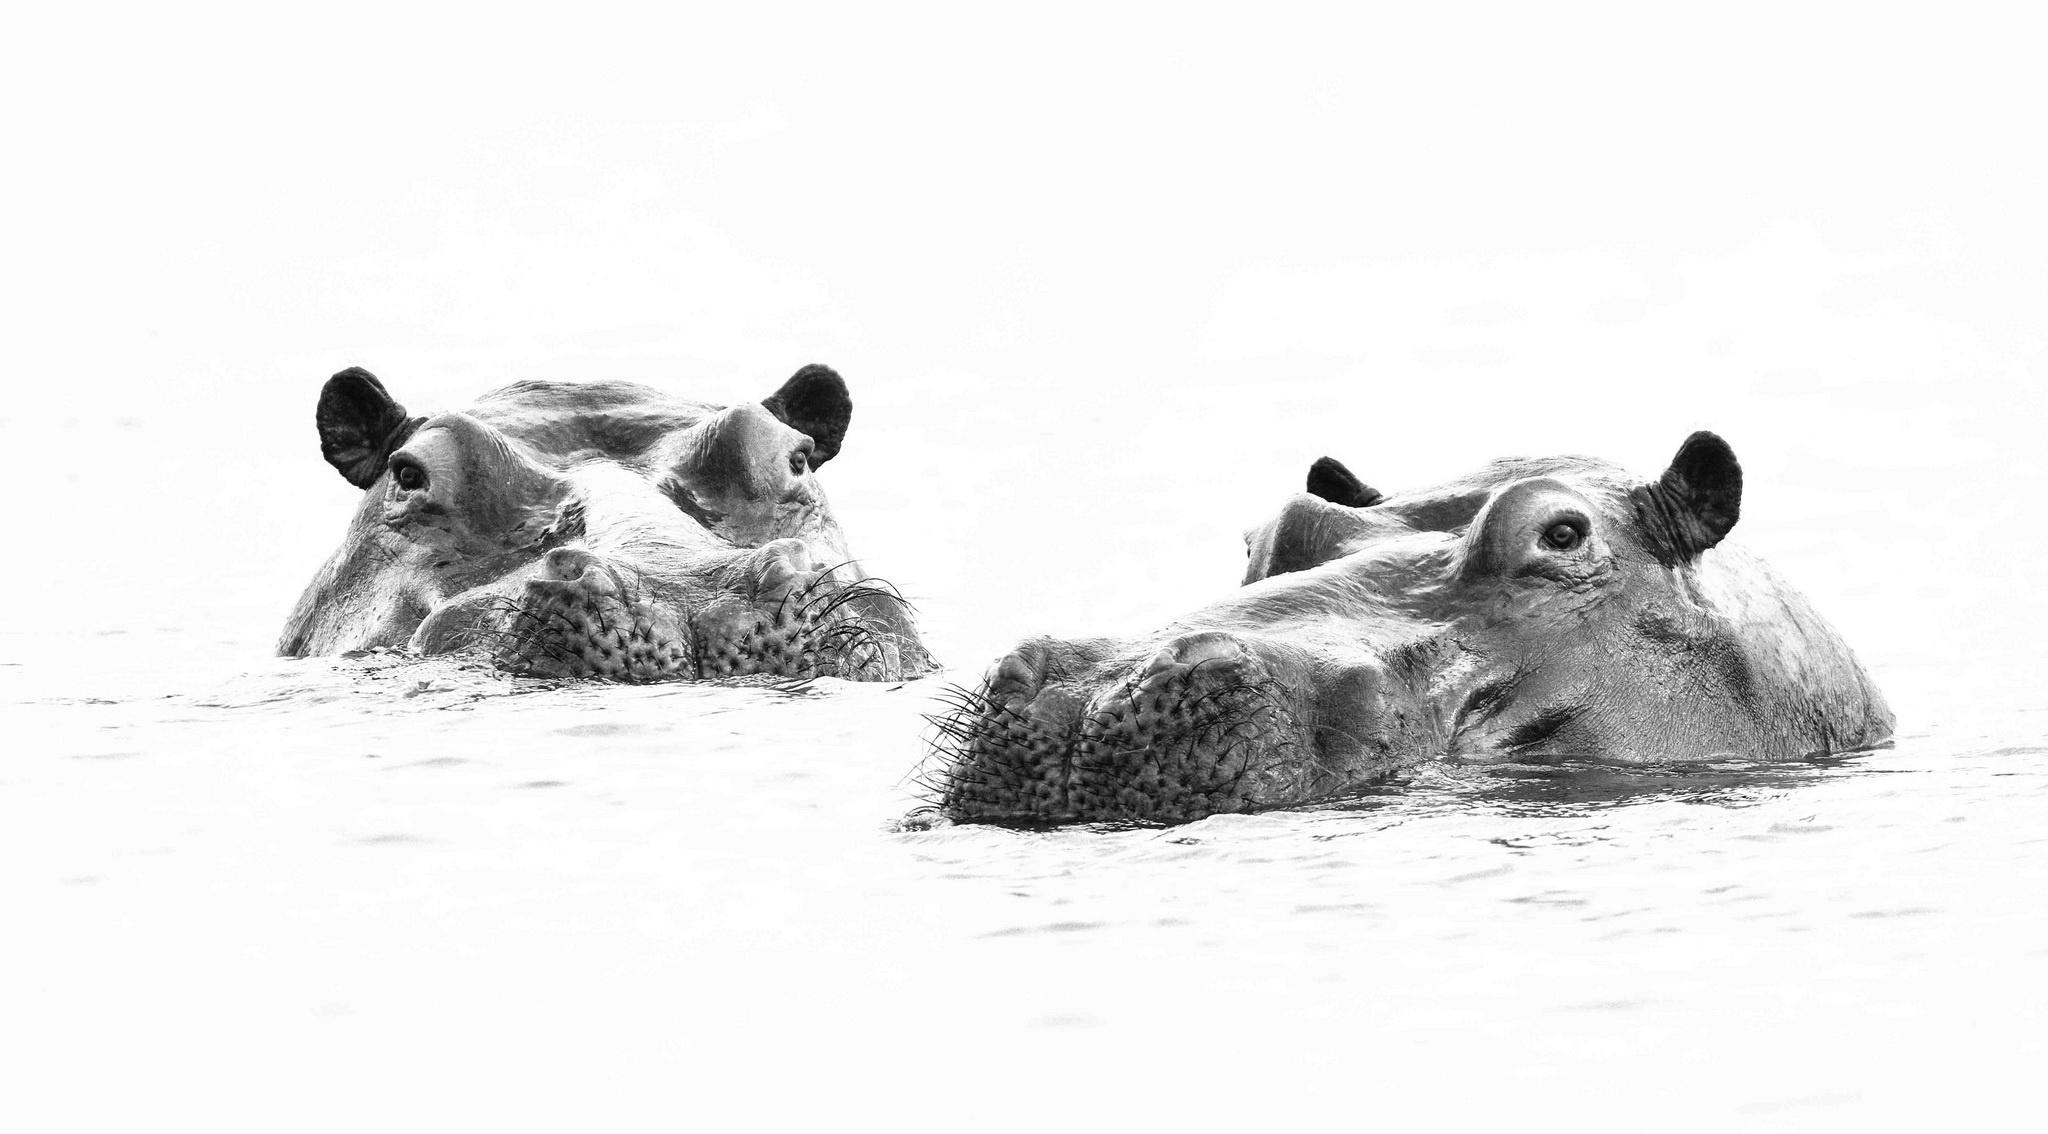 Картинки Гиппопотамы два Вода головы Животные Бегемоты 2 две Двое вдвоем воде Голова животное